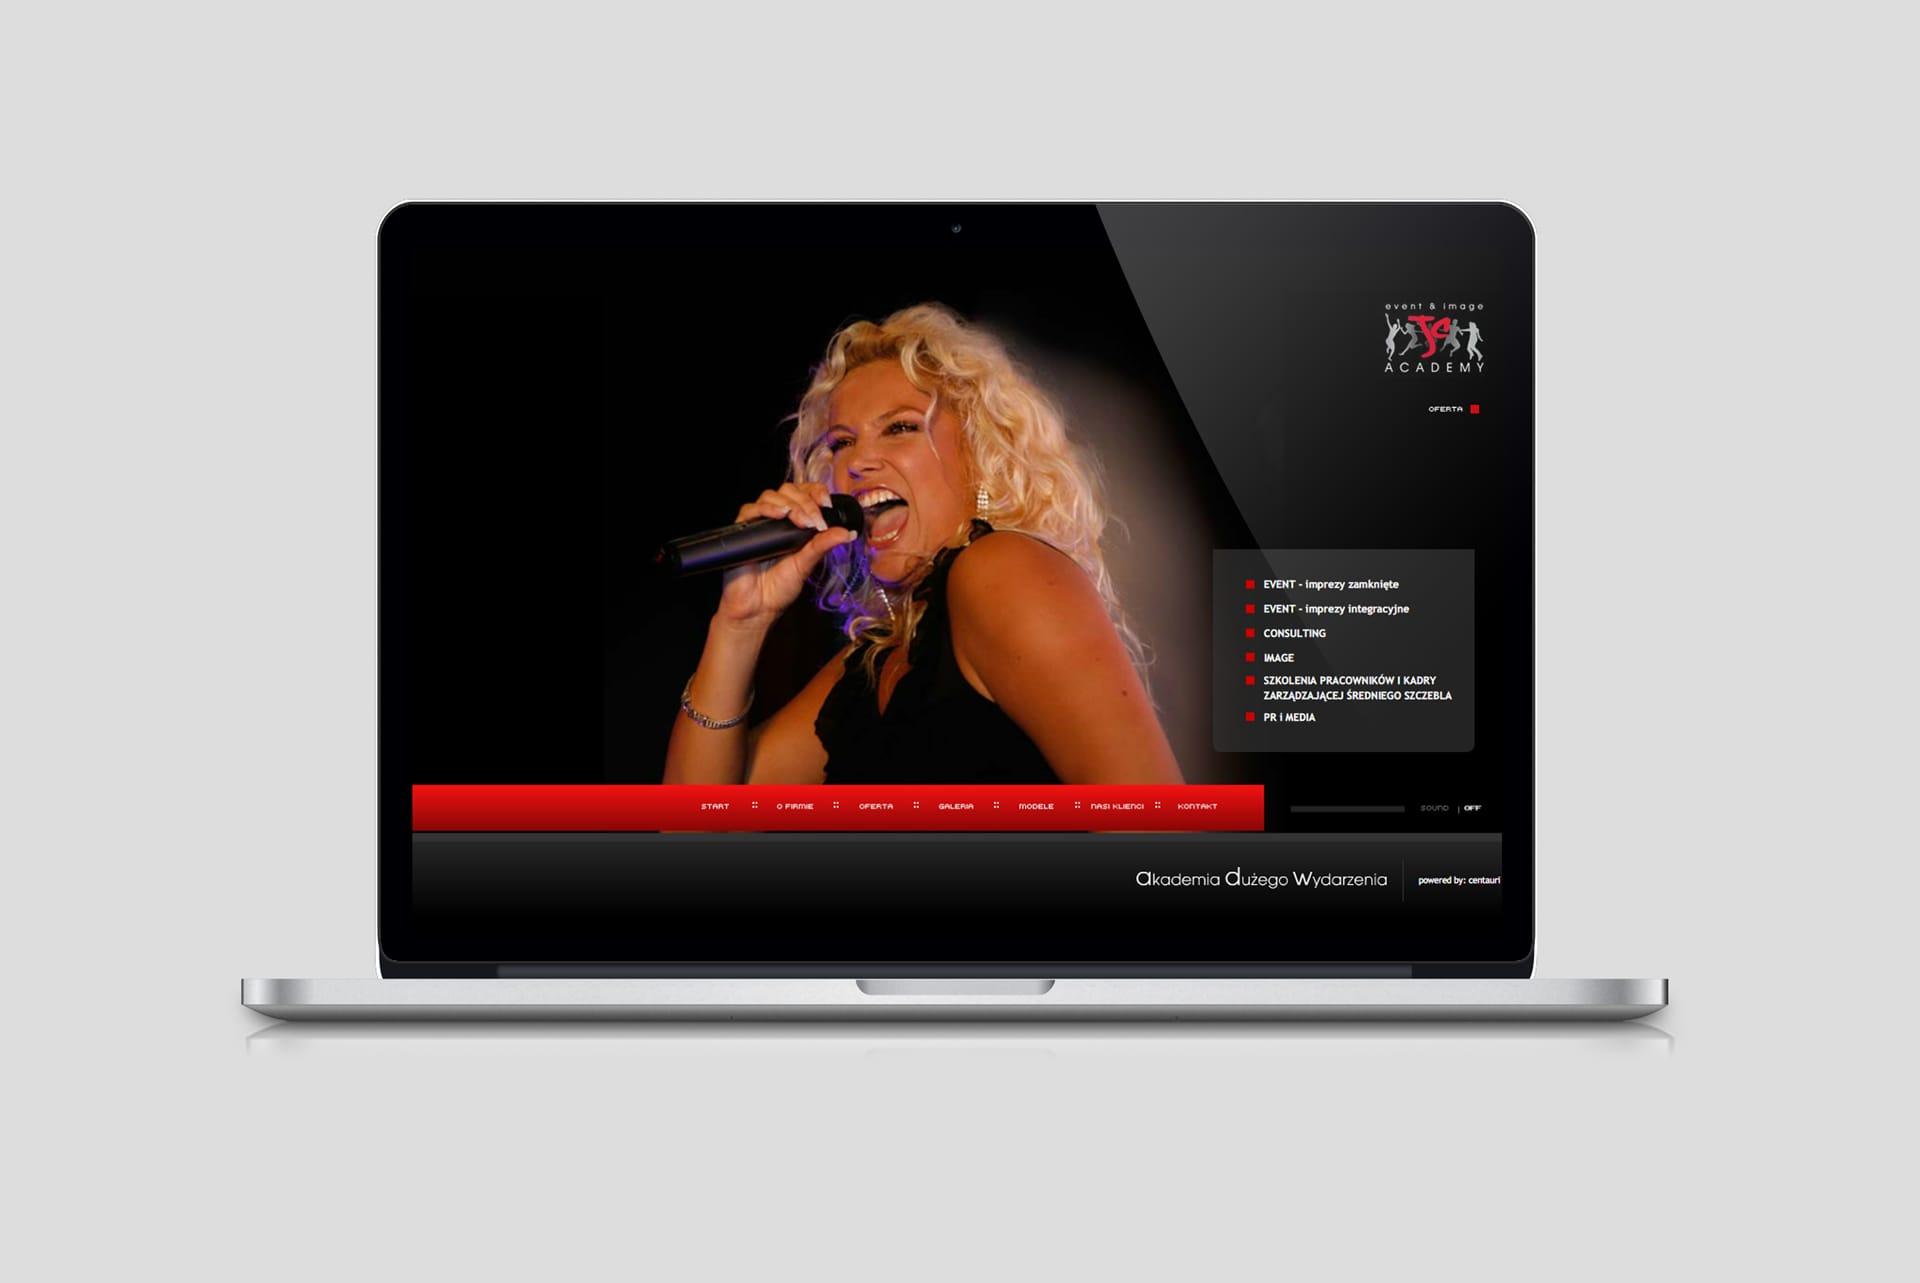 JC Academy zestaw brandingowy, akcydensy firmowe, teczki reklamowe, materiały targowe, strona internetowa agencja brandingowa moweli creative